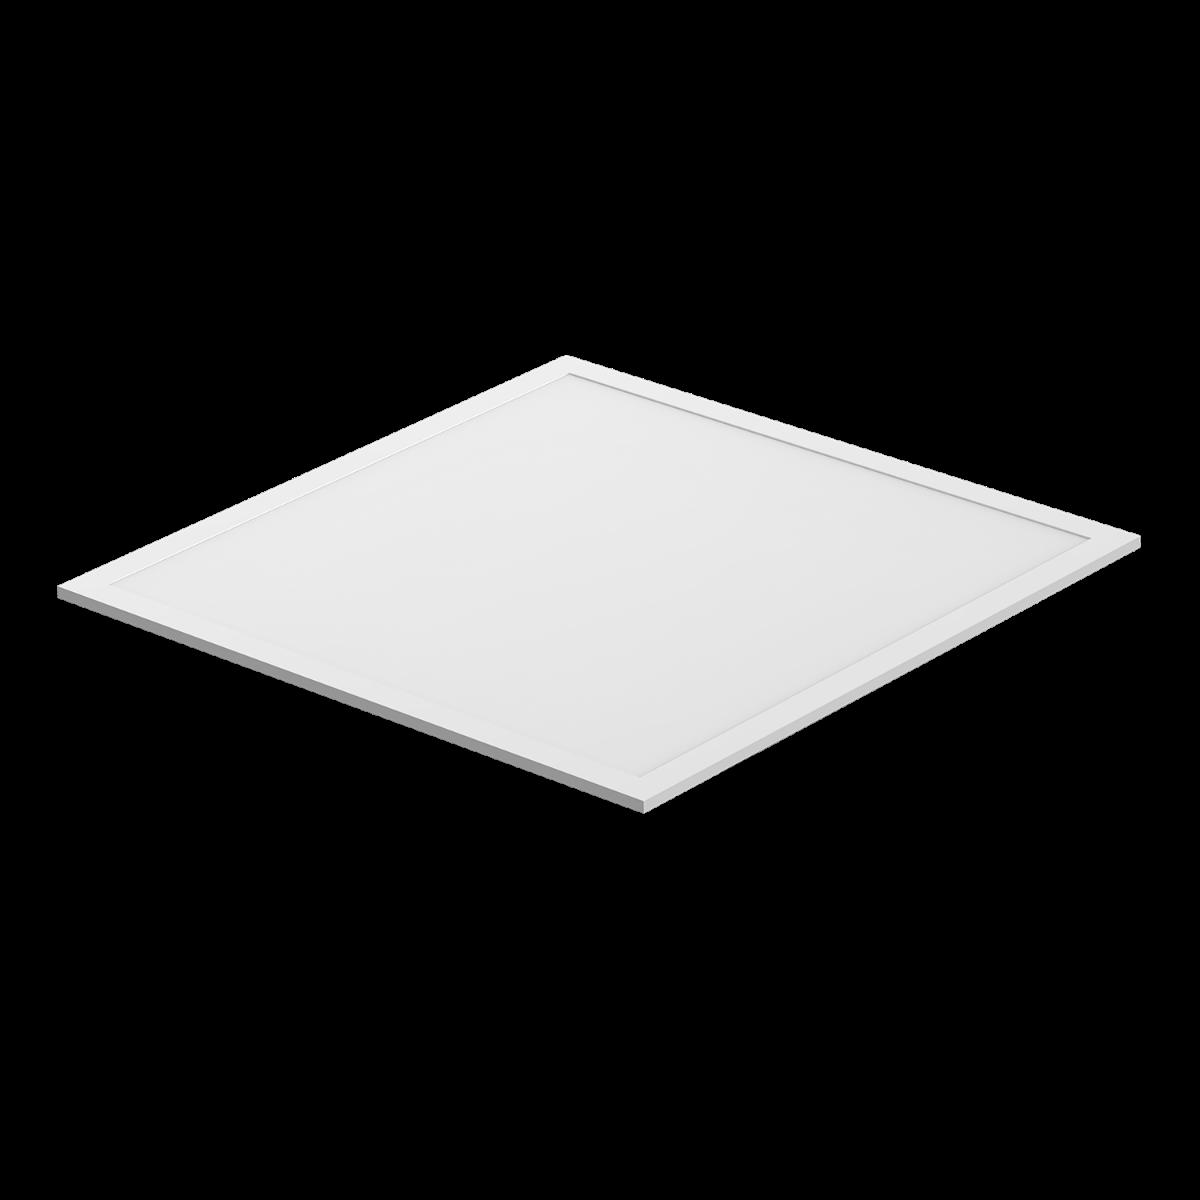 Noxion LED Panel Econox 32W Xitanium DALI 60x60cm 3000K 3900lm UGR <22 | Dali Dimmbar - Ersatz für 4x18W